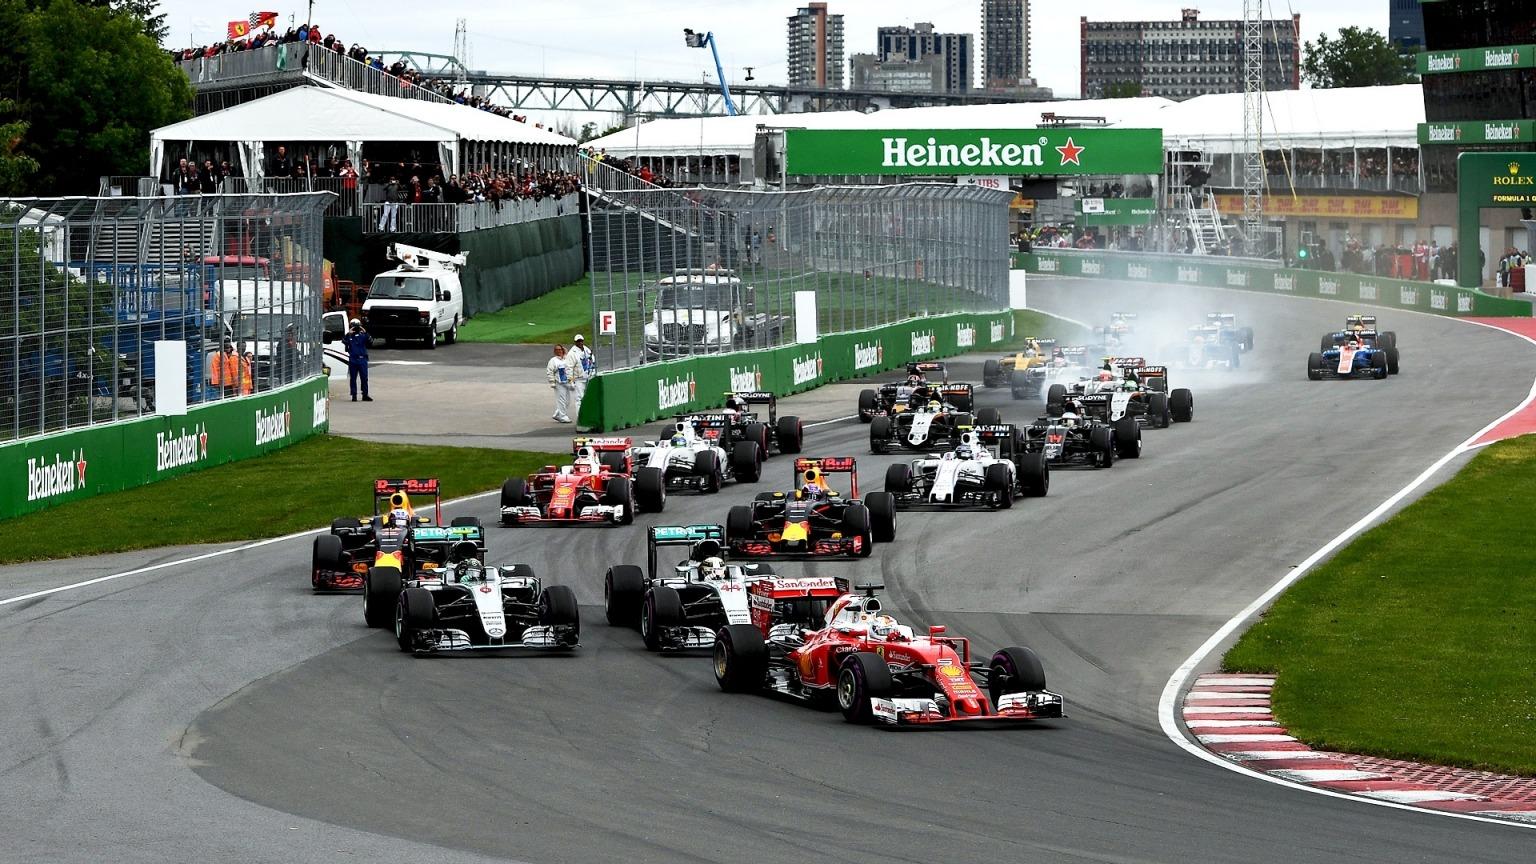 Da li će novi vlasnici doneti ravnopravnije Formula 1 trke?